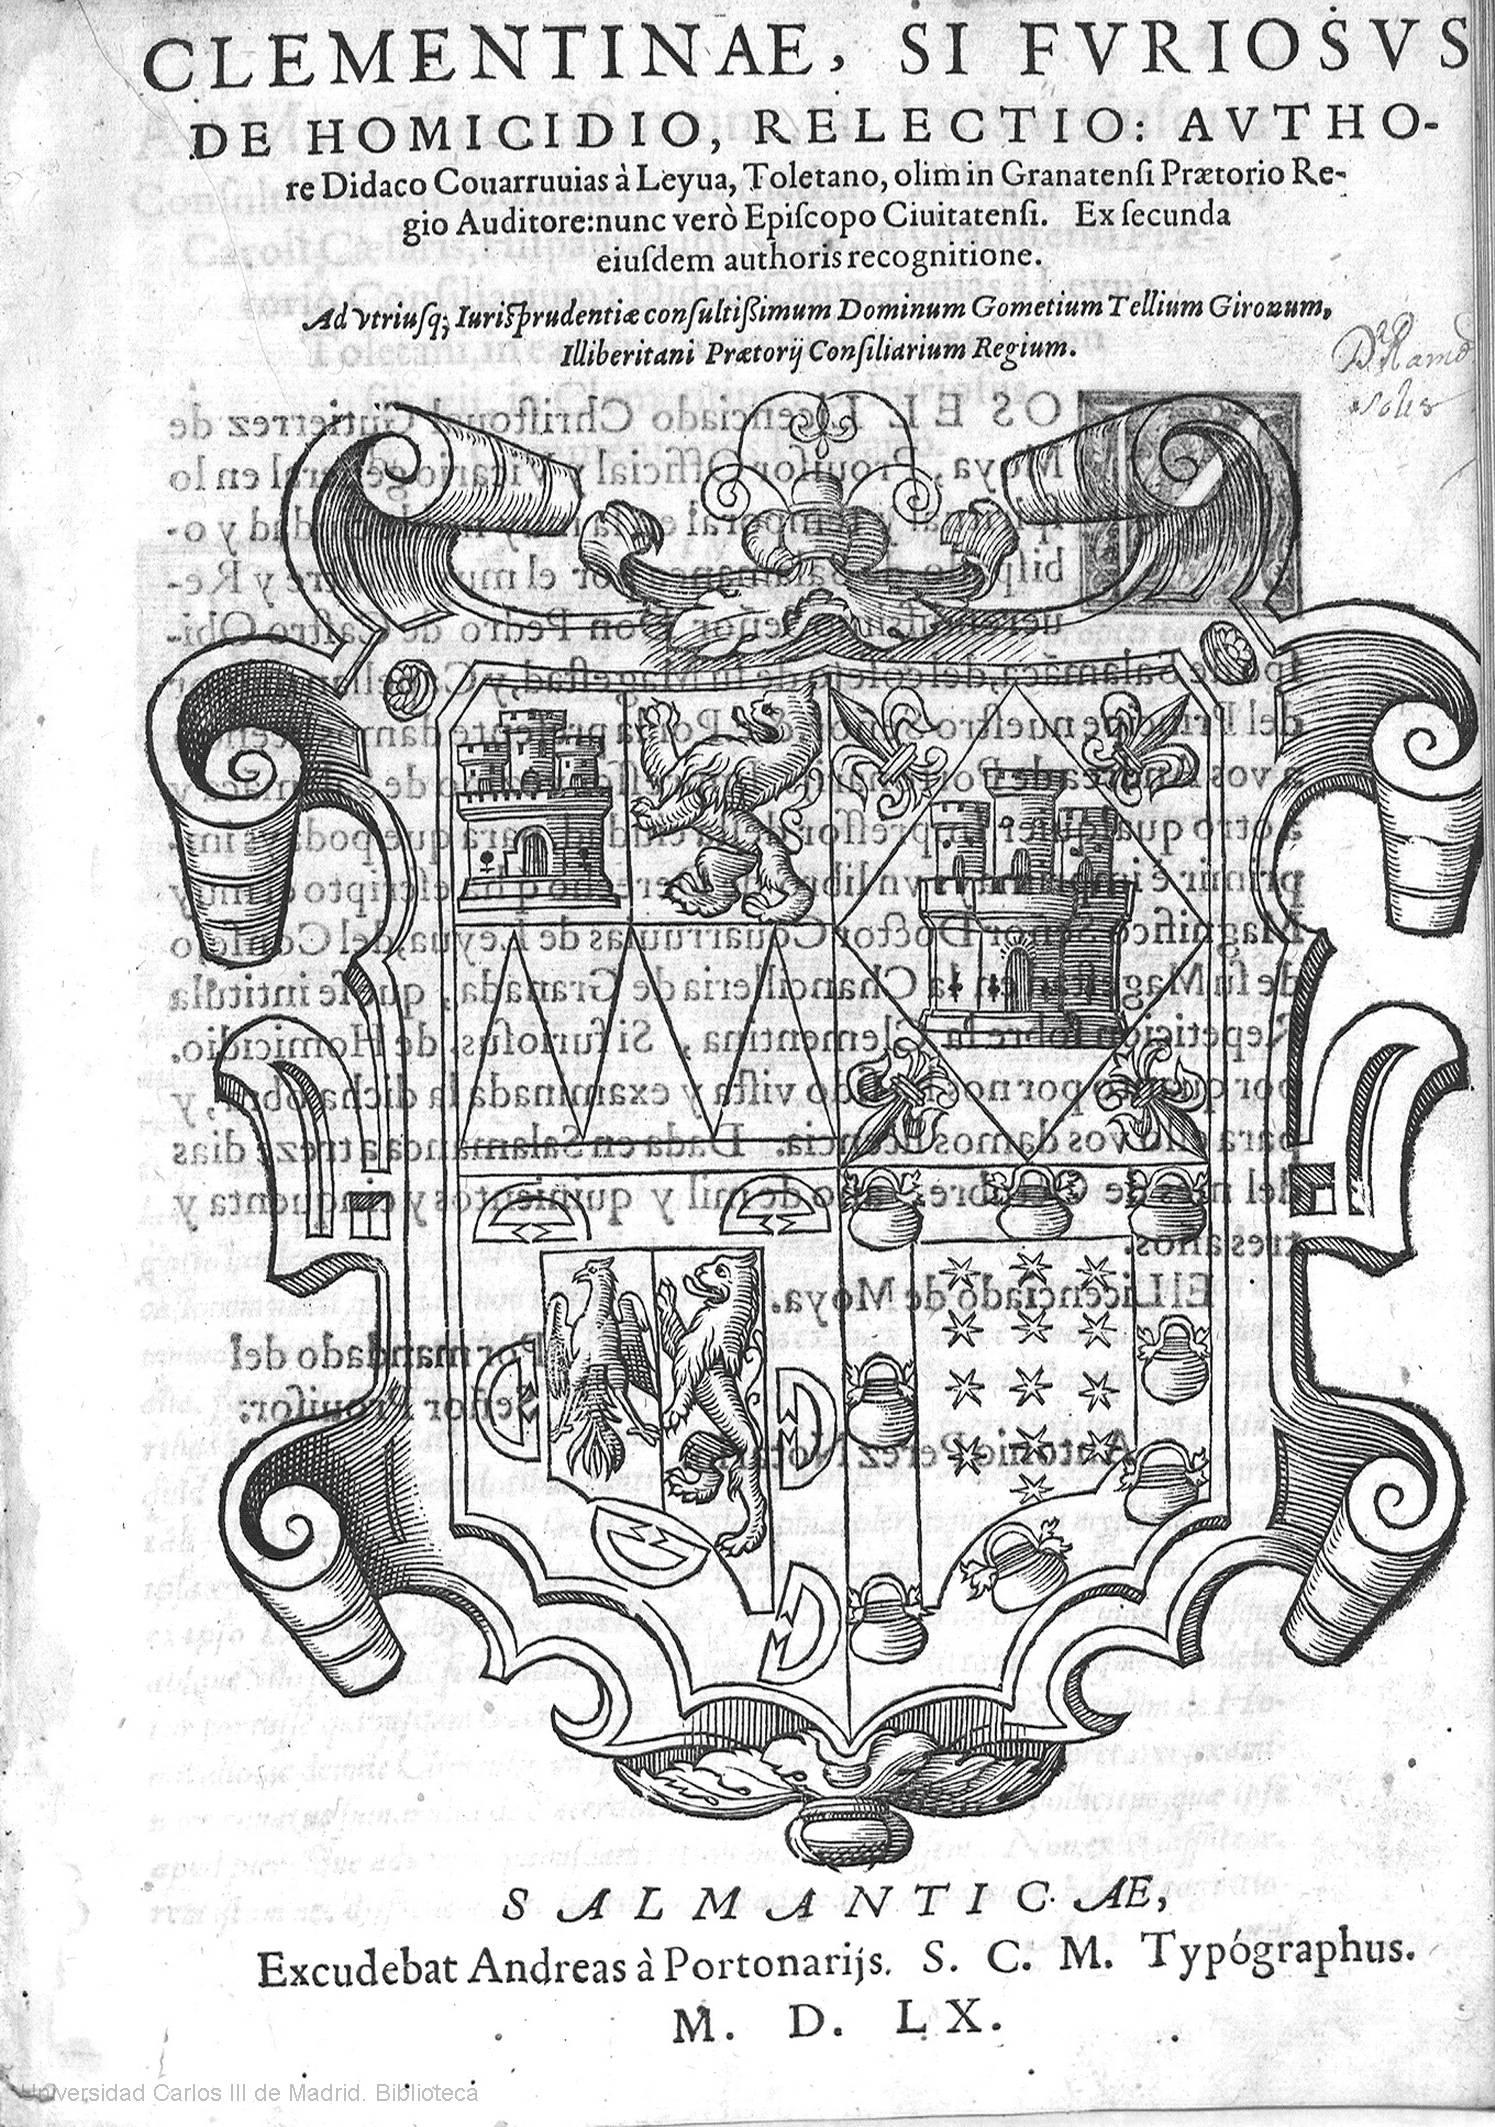 Clementinae, si fvriosvs, de homicidio, relectio, 1560